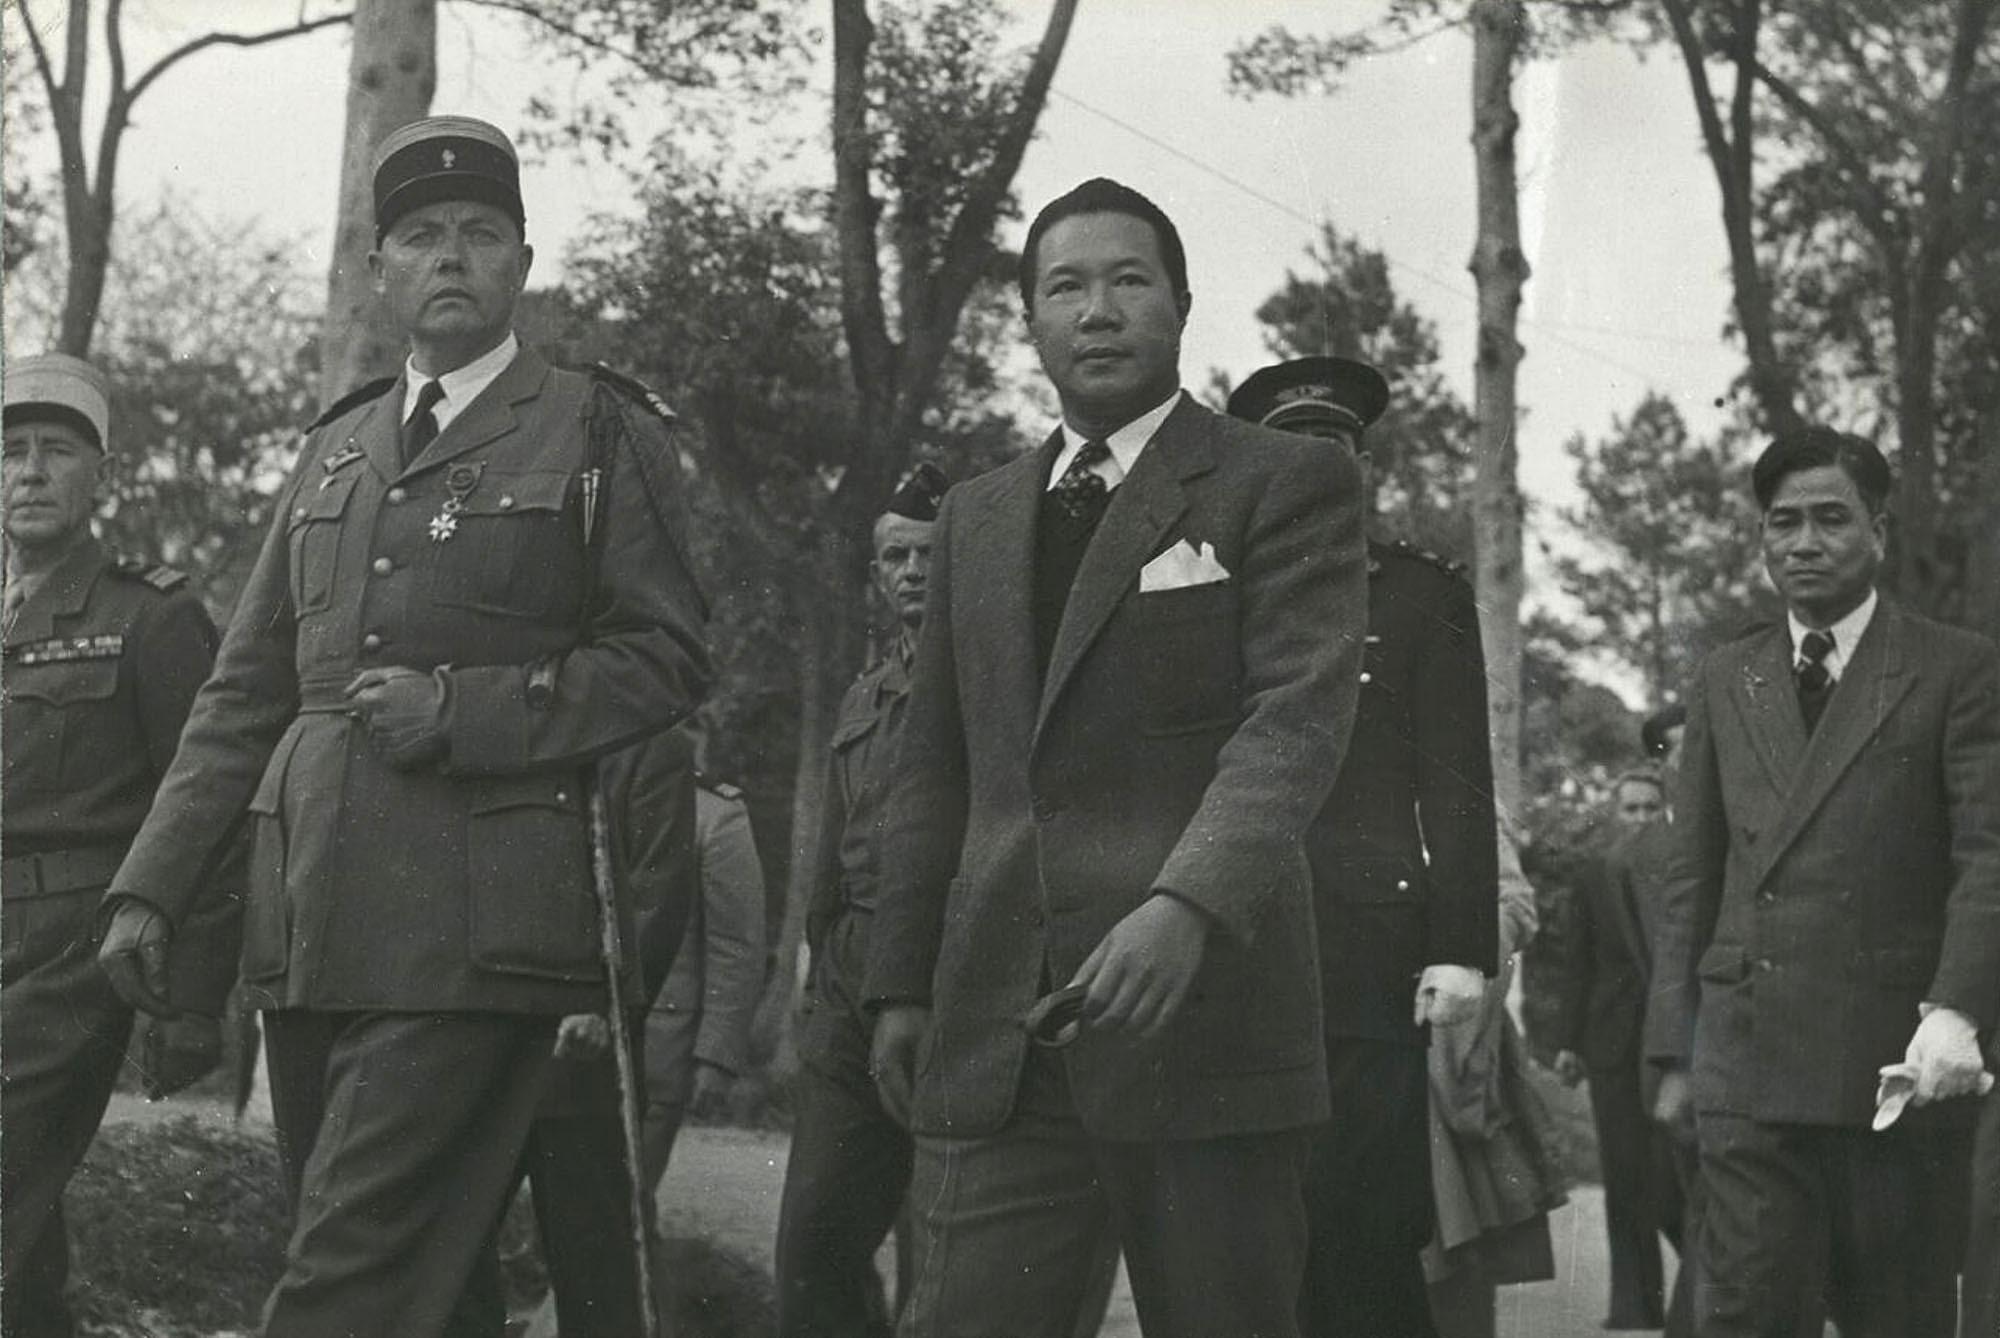 Chùm ảnh: Quốc trưởng Bảo Đại du hí Lạng Sơn năm 1950